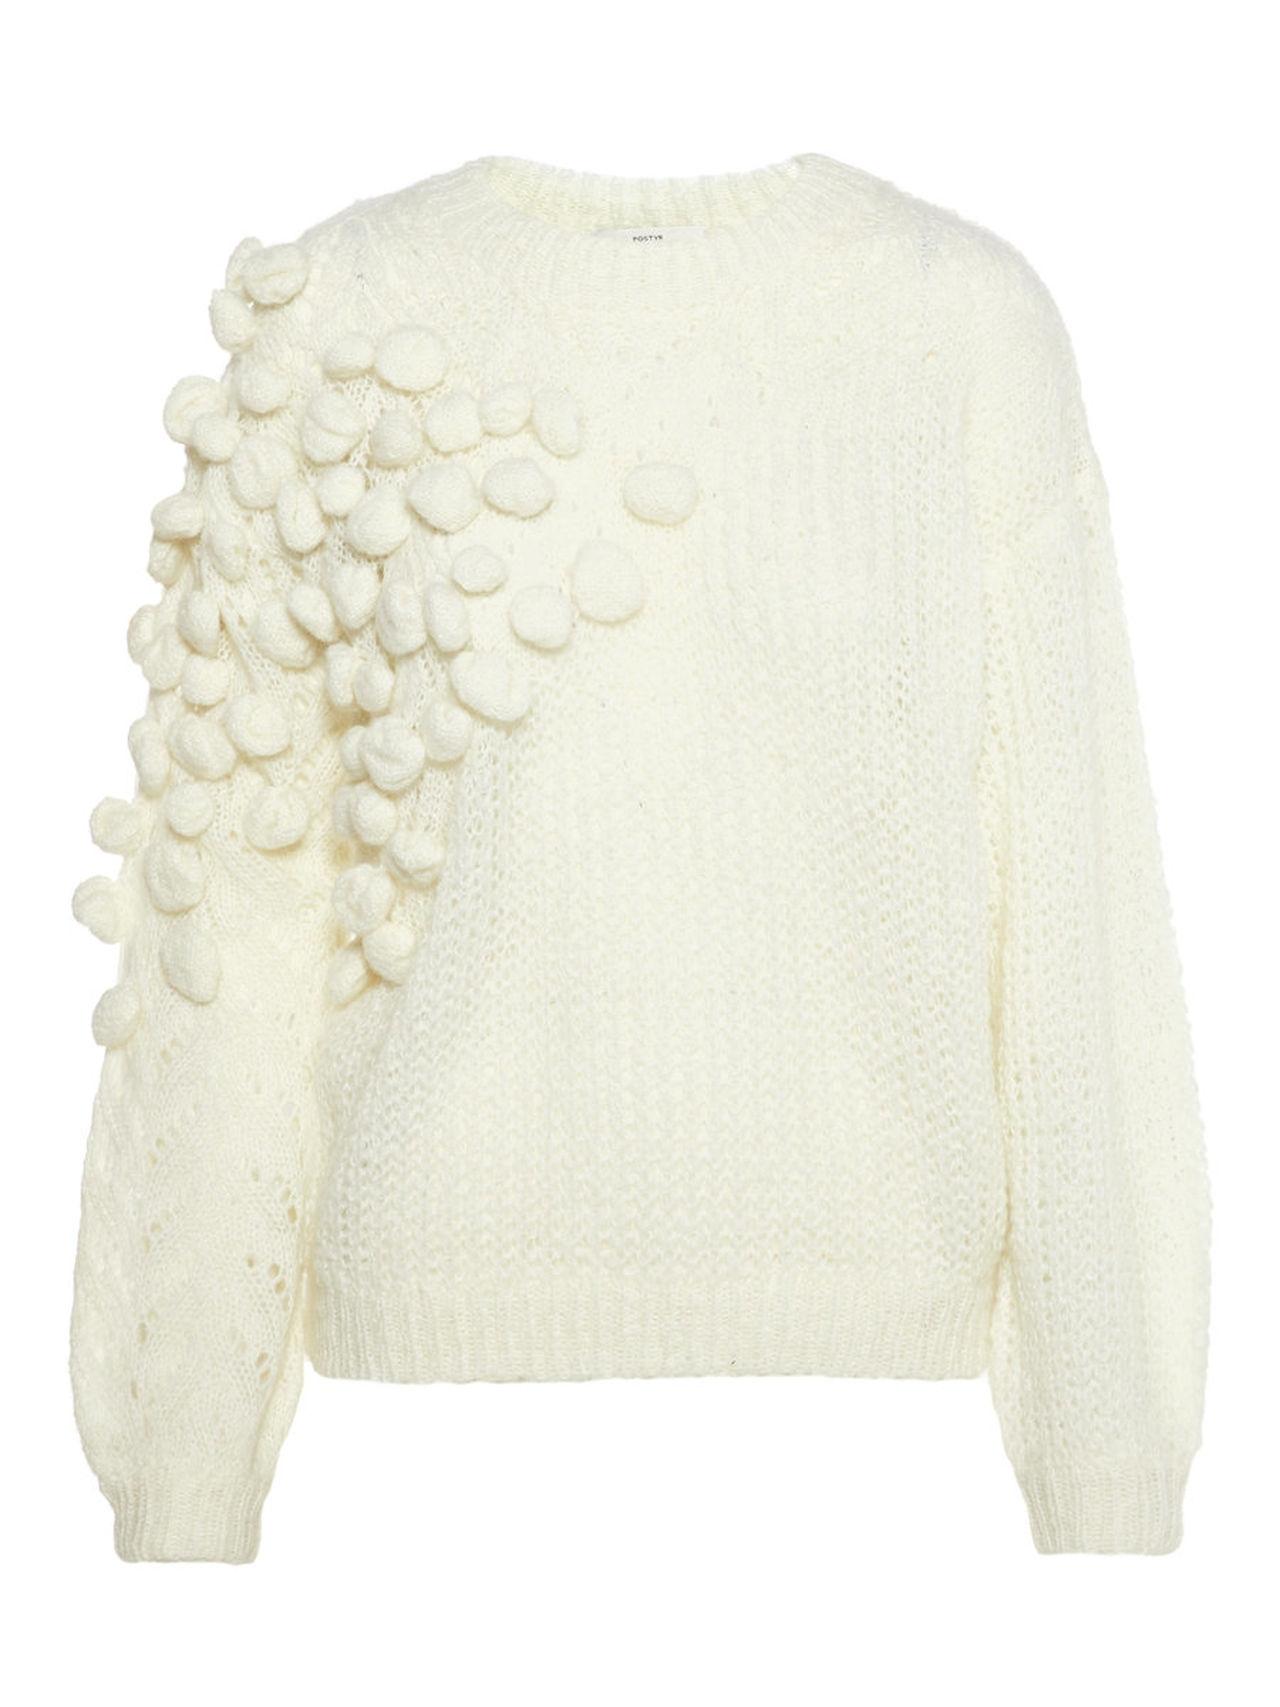 P O S T Y R Embellished Knit Jumper Kvinna Beige